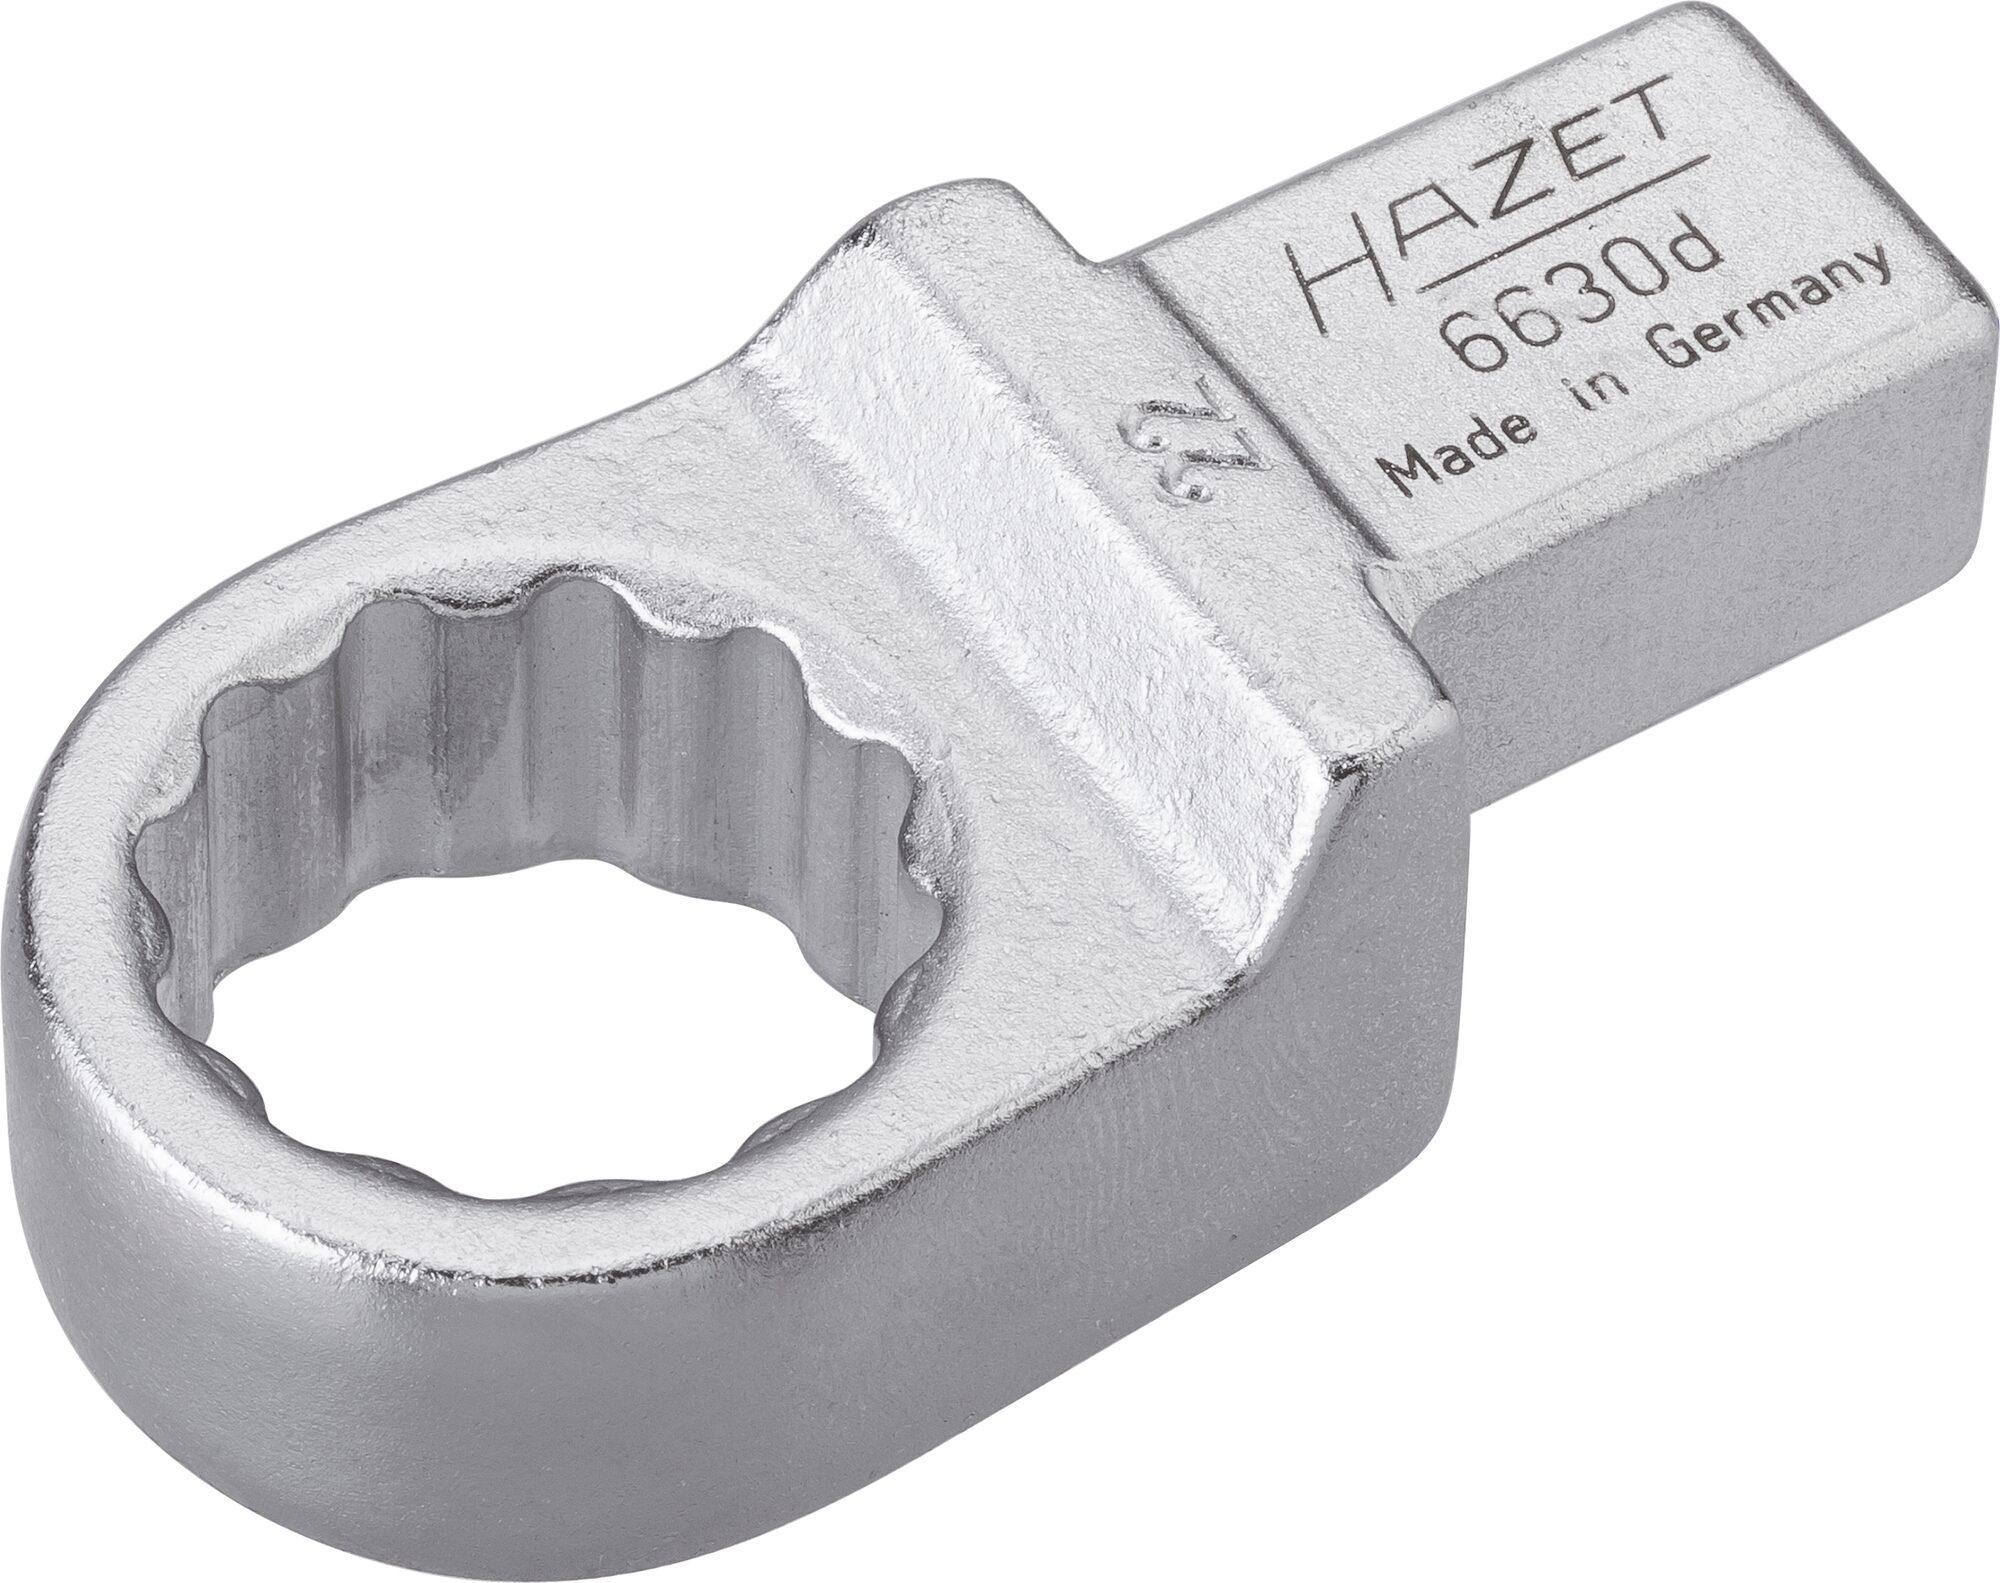 HAZET Einsteck-Ringschlüssel 6630D-22 ∙ Einsteck-Vierkant 14 x 18 mm ∙ Außen-Doppel-Sechskant-Tractionsprofil ∙ 22 mm